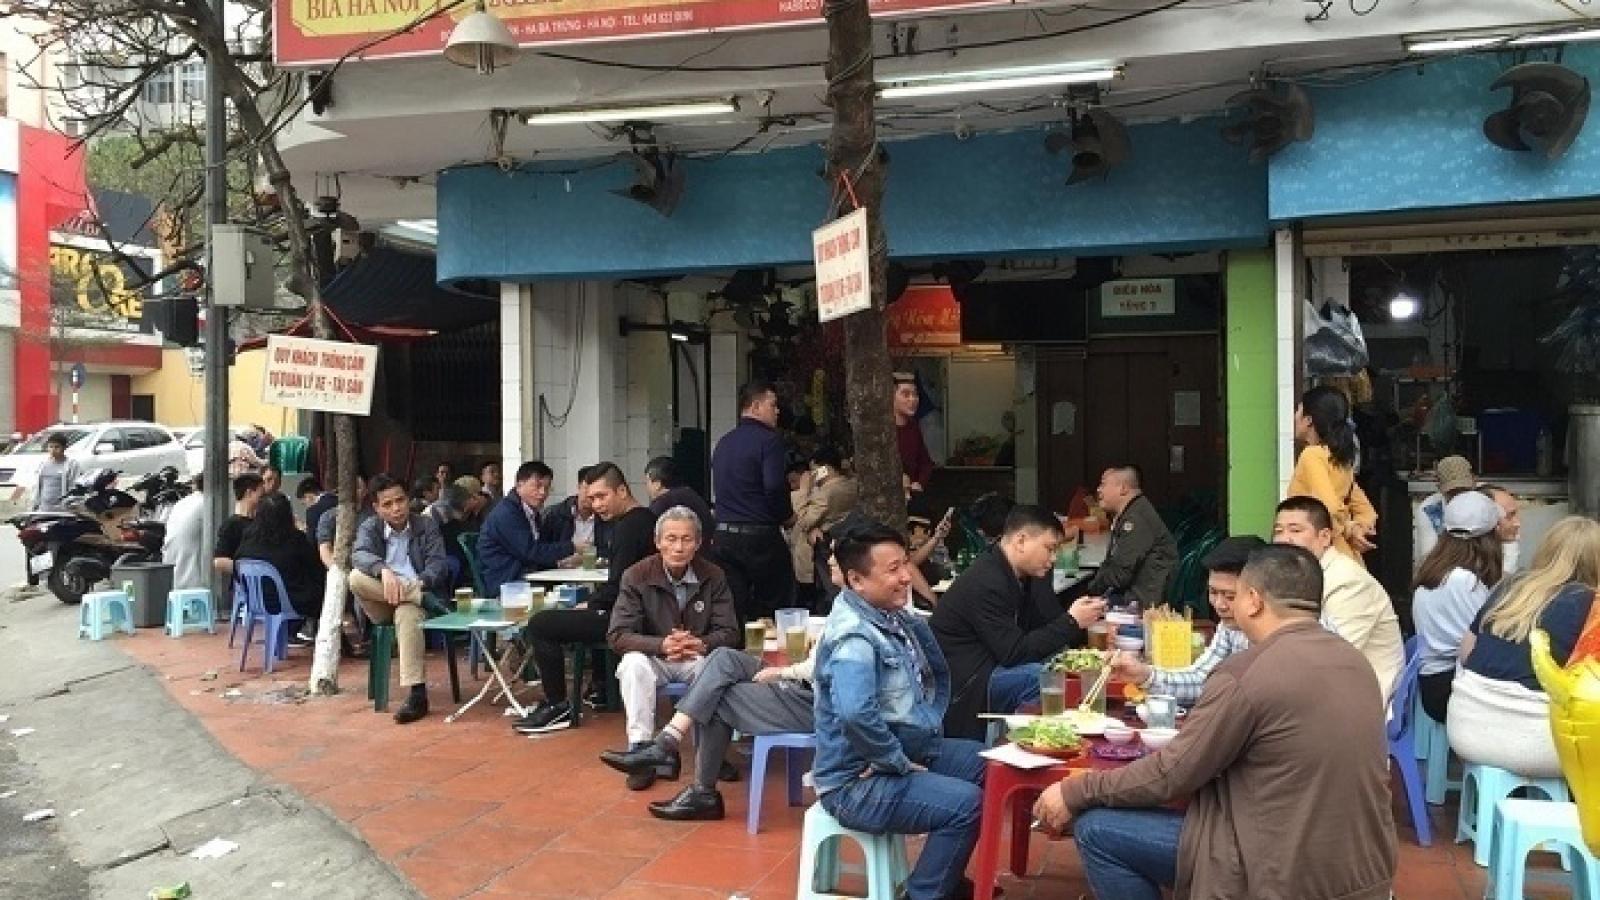 Hà Nội tạm dừng hoạt động nhà hàng bia, quán bia, bia hơi để phòng dịch Covid-19